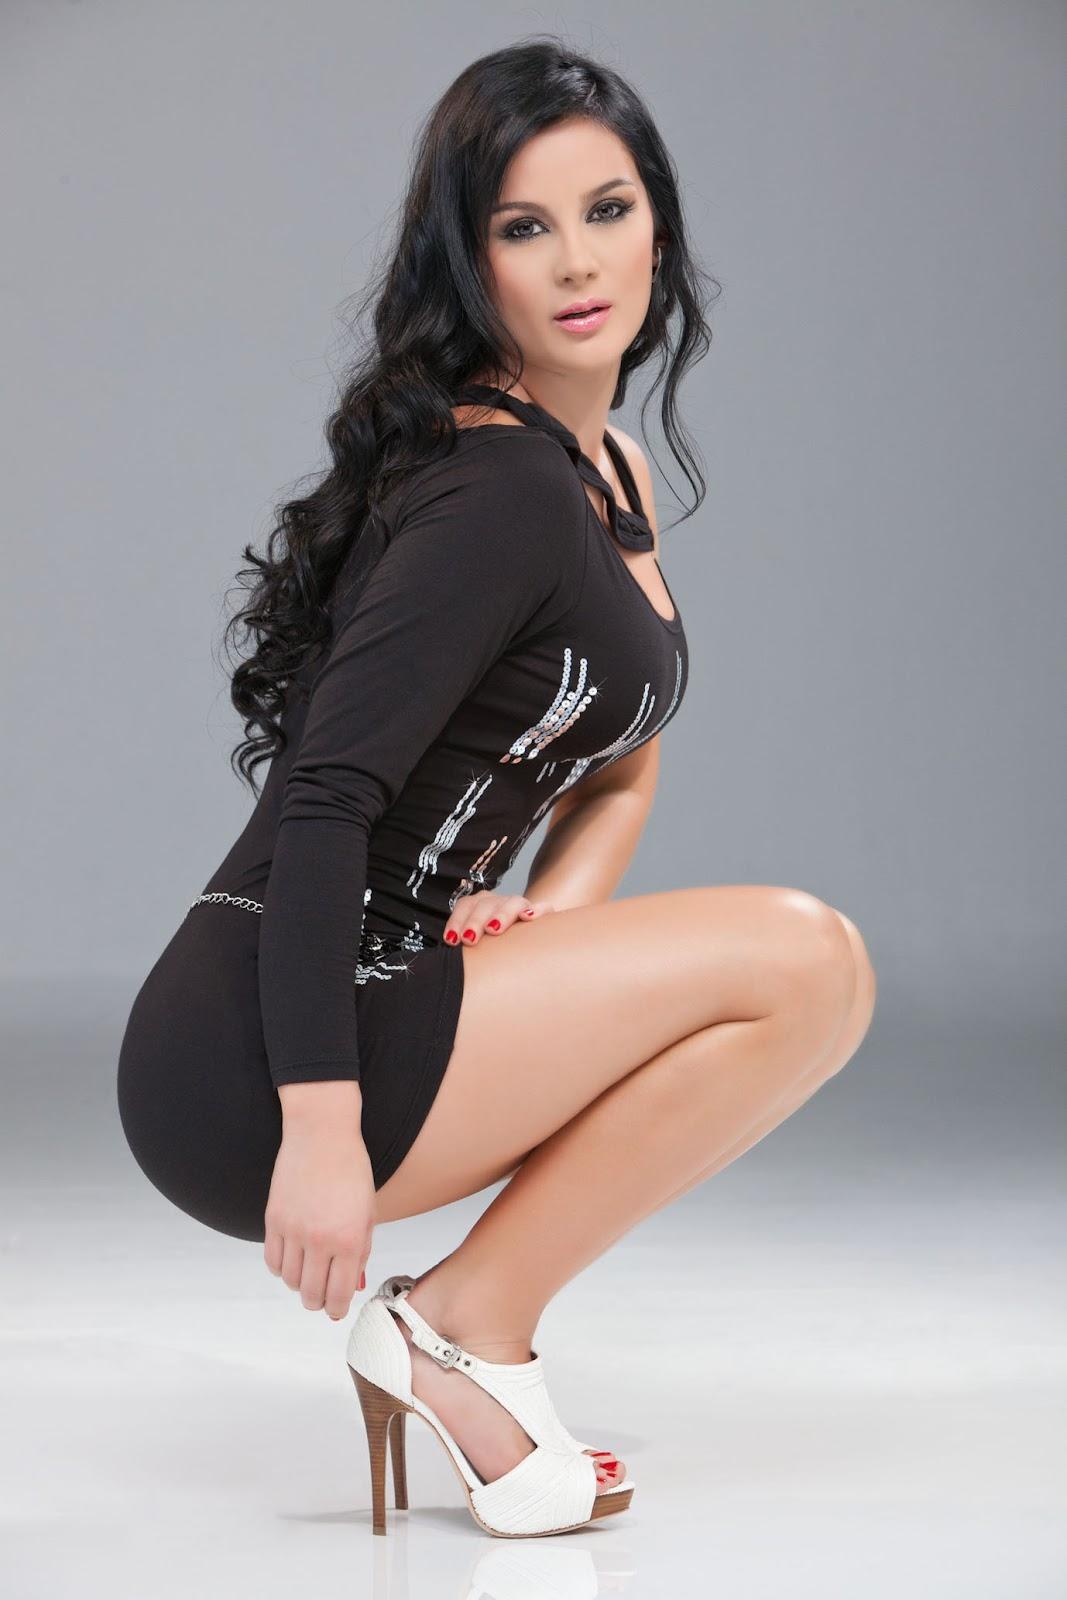 Eliana franco fotos de modelos mujeres y las mas for Daniela villa modelo